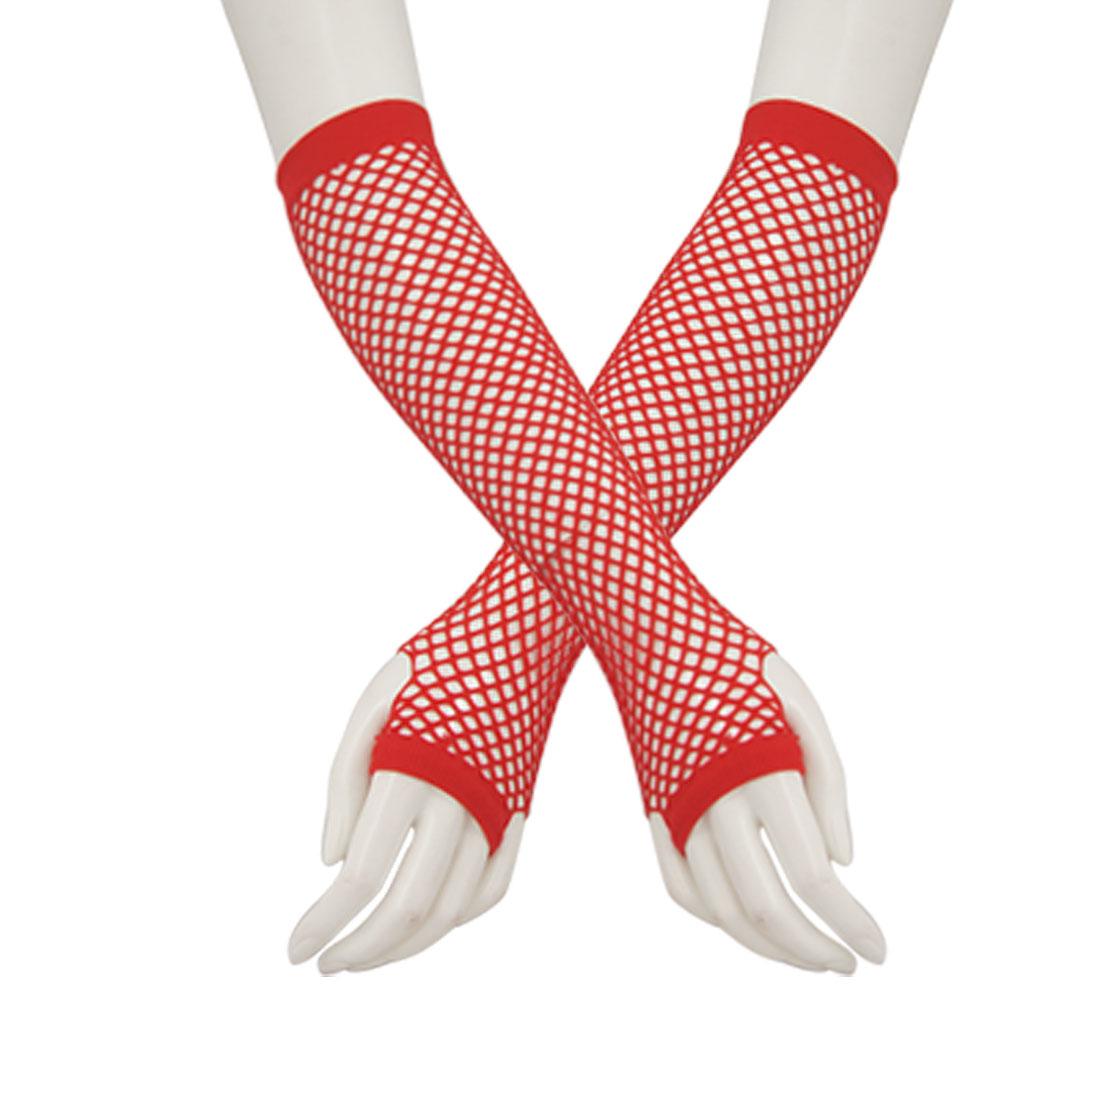 Ladies Red Mesh Fingerless Elastic Fingerless Gloves